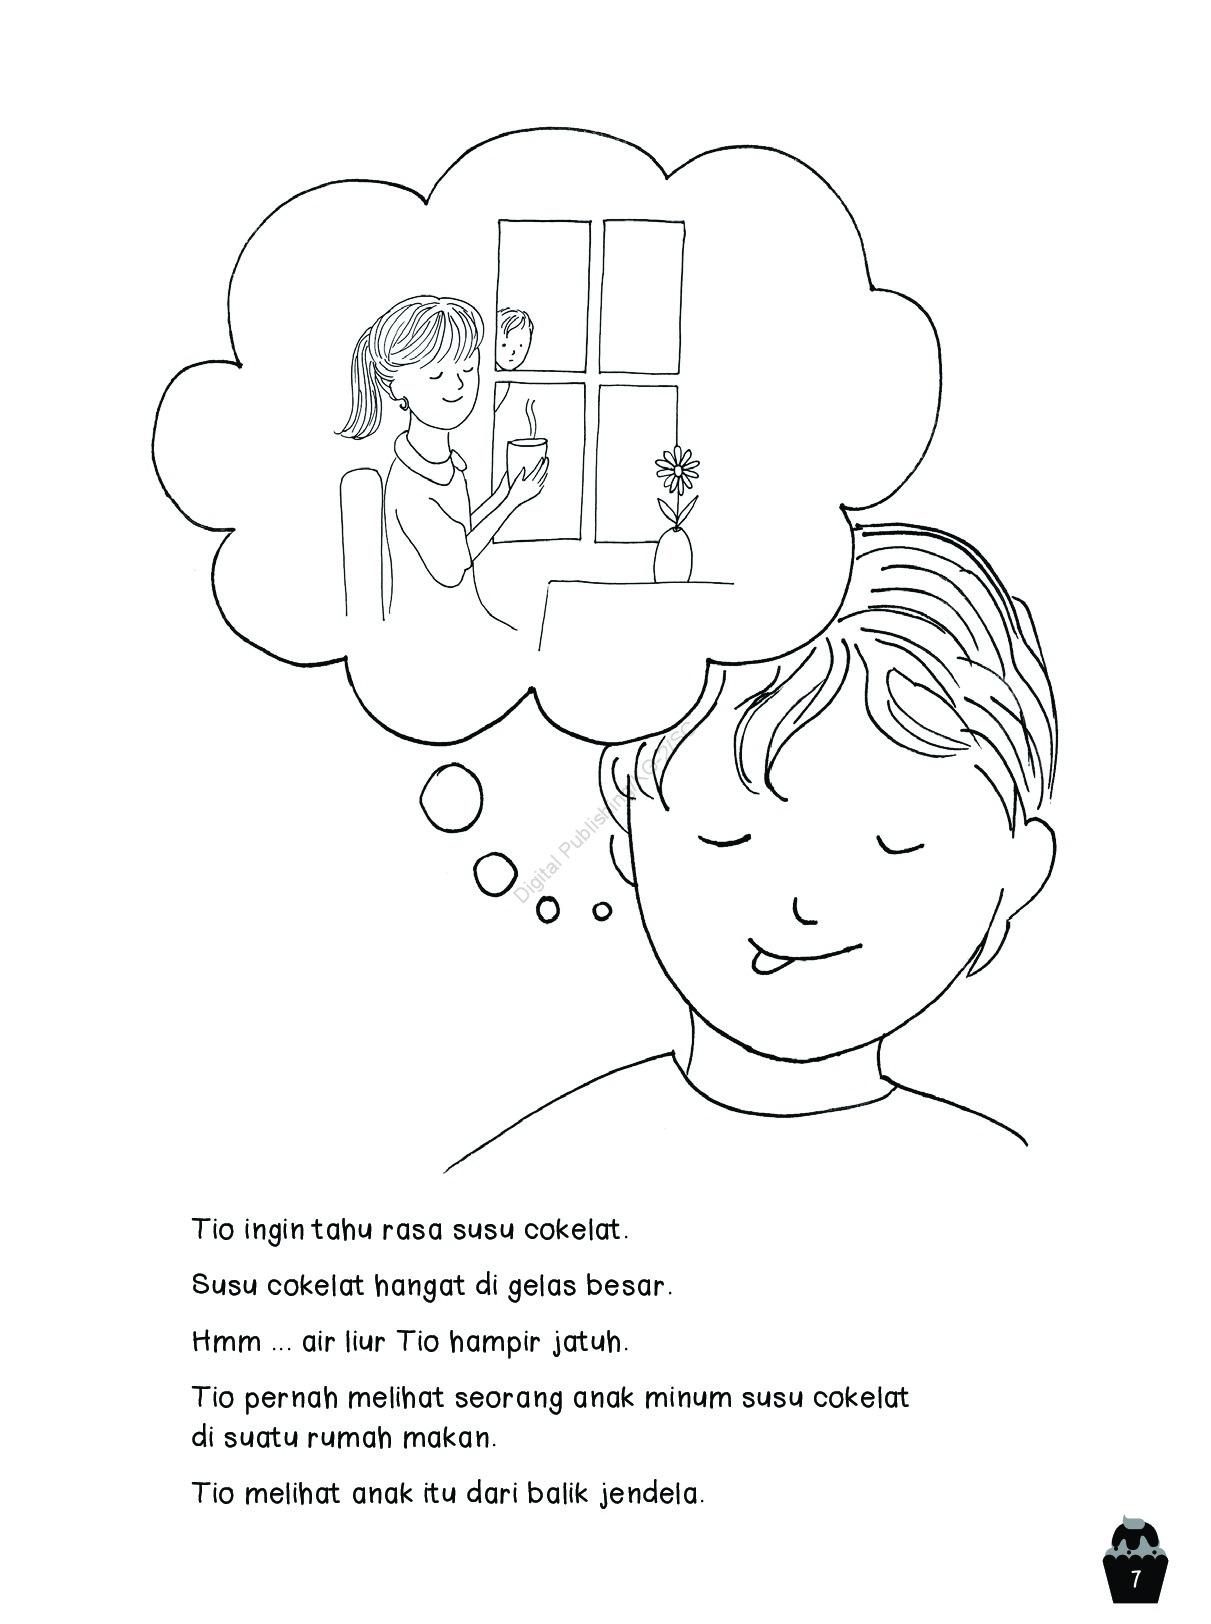 Jual Buku Lautan Susu Cokelat Oleh Renny Yaniar Gramedia